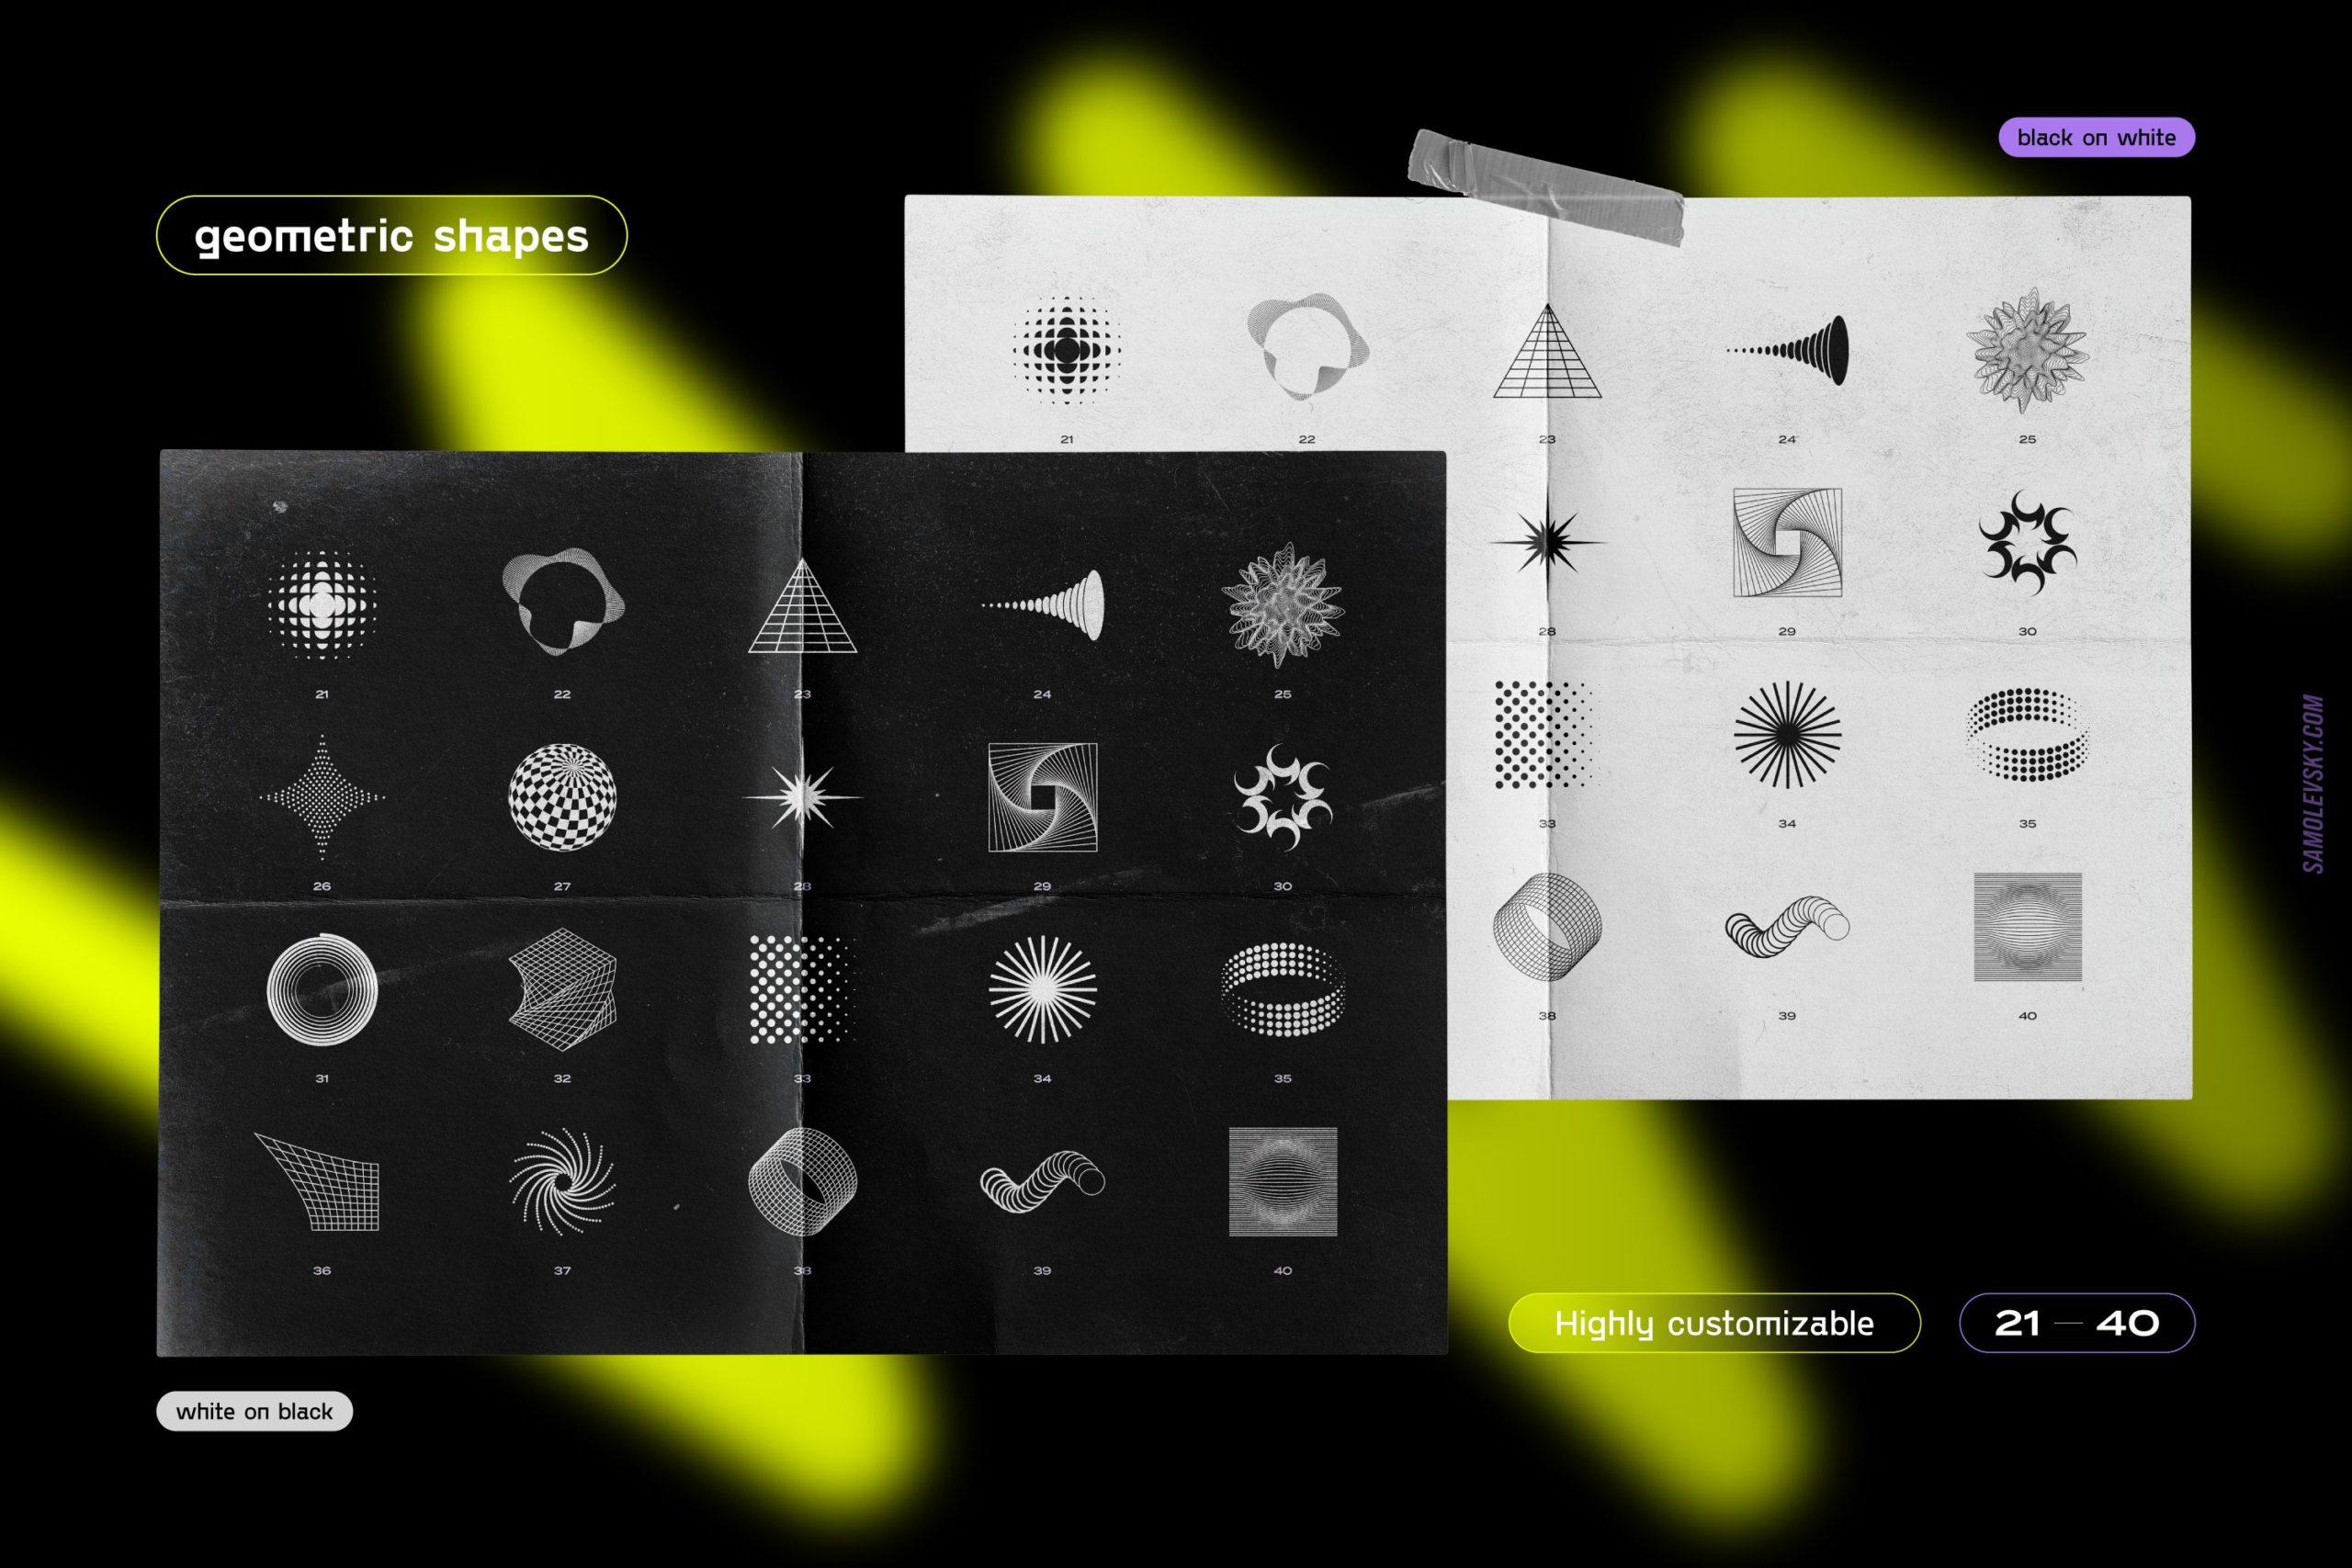 [淘宝购买] 时尚潮流抽象扭曲多边形几何海报设计矢量设计素材 Geometric Shapes For Poster Design插图7